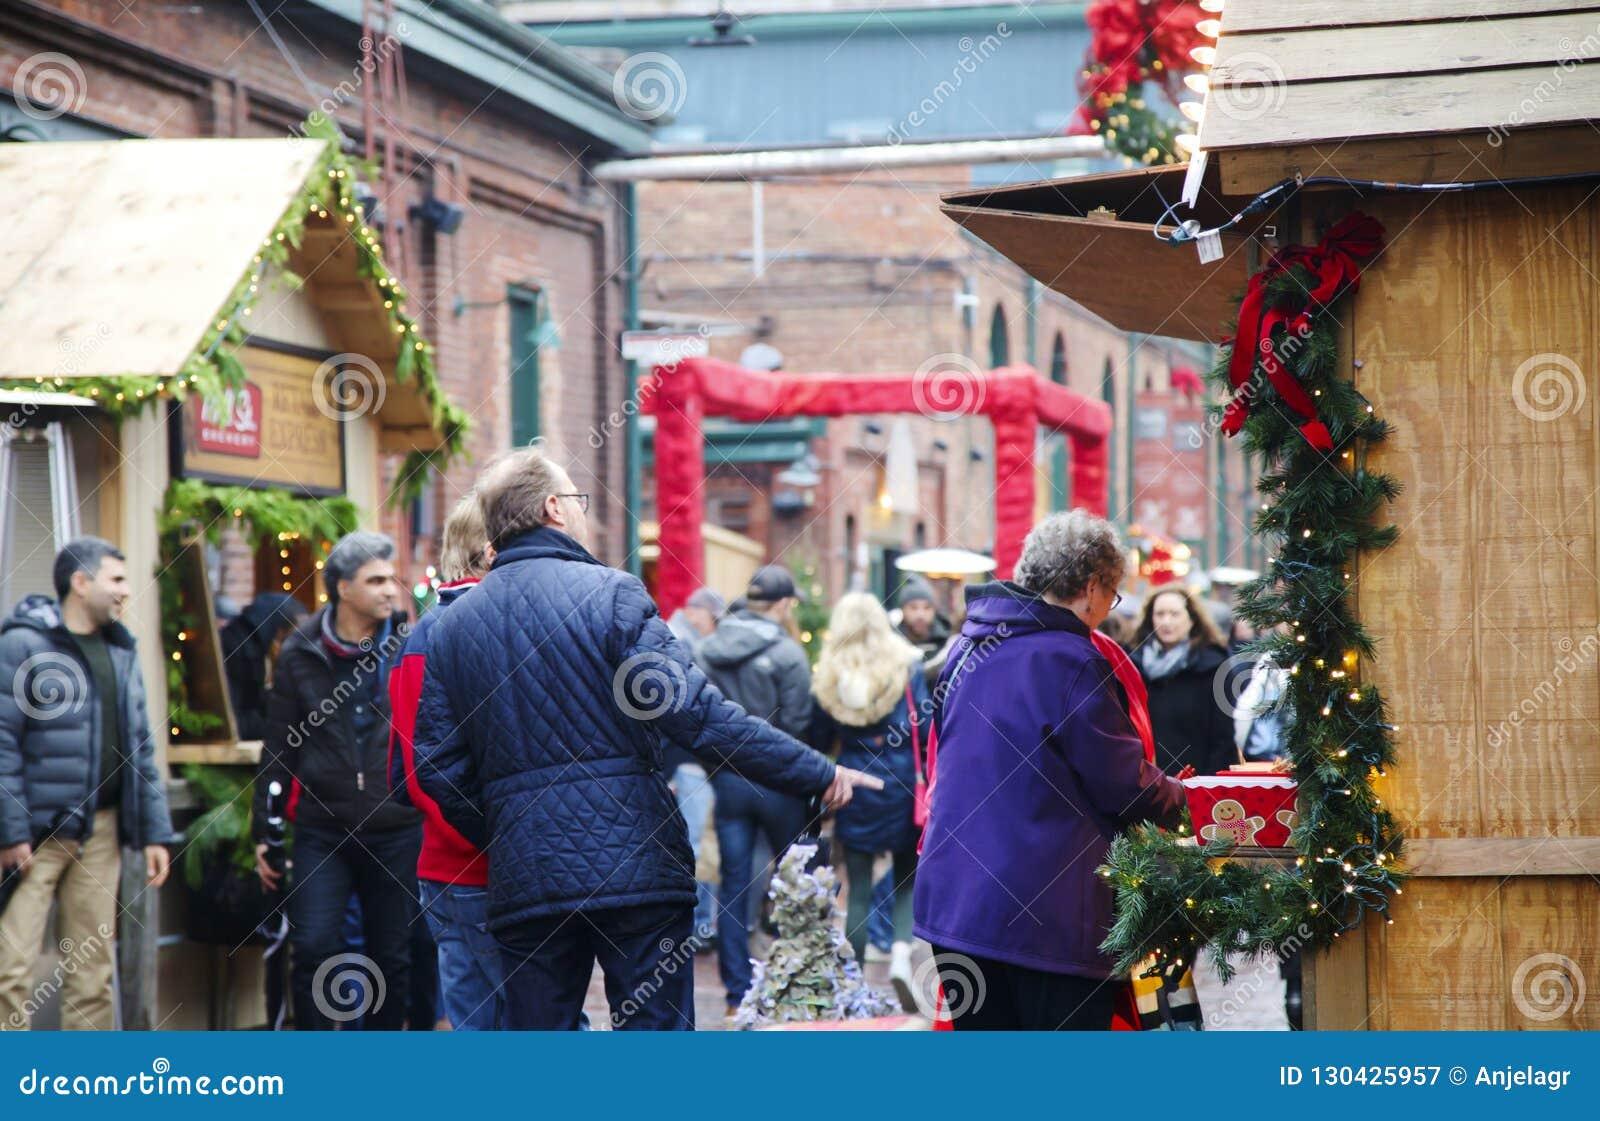 TORONTO KANADA - NOVEMBER 18, 2017: Folket besöker julmarknaden i historiskt område för spritfabriken, ett av Toronto gunstling